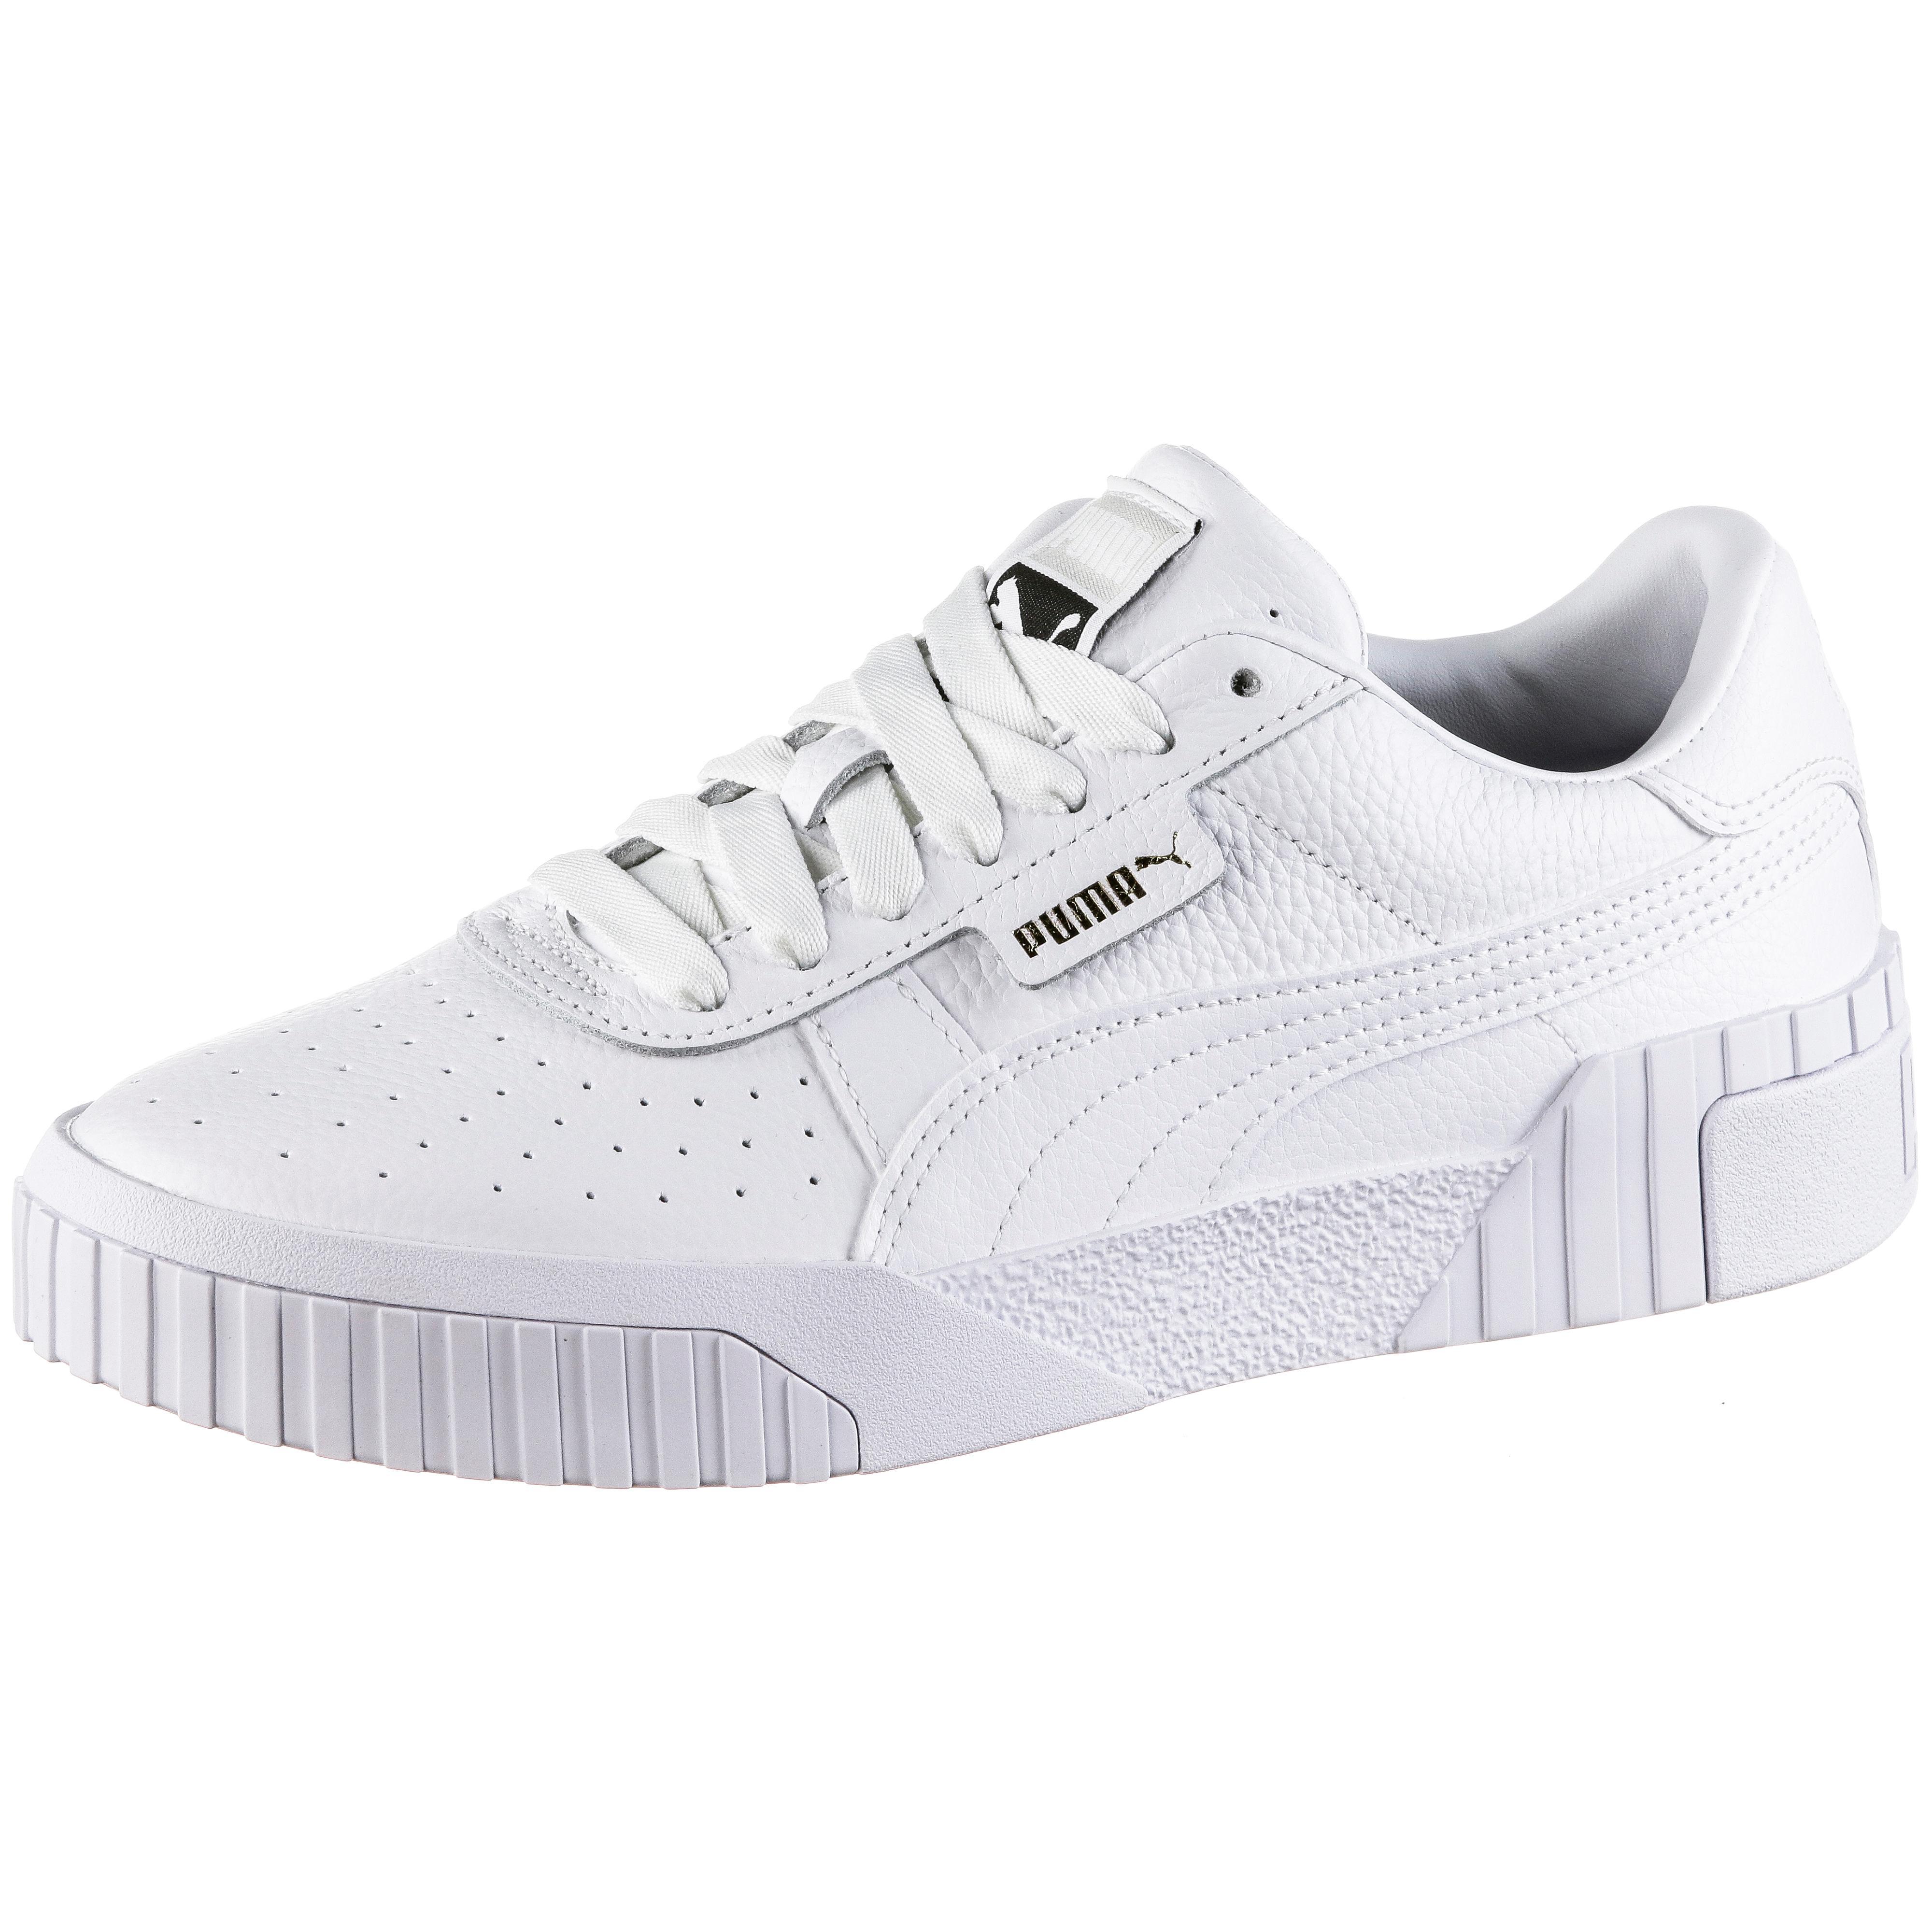 PUMA Sneaker | Jetzt bei SportScheck schnell \u0026 sicher bestellen